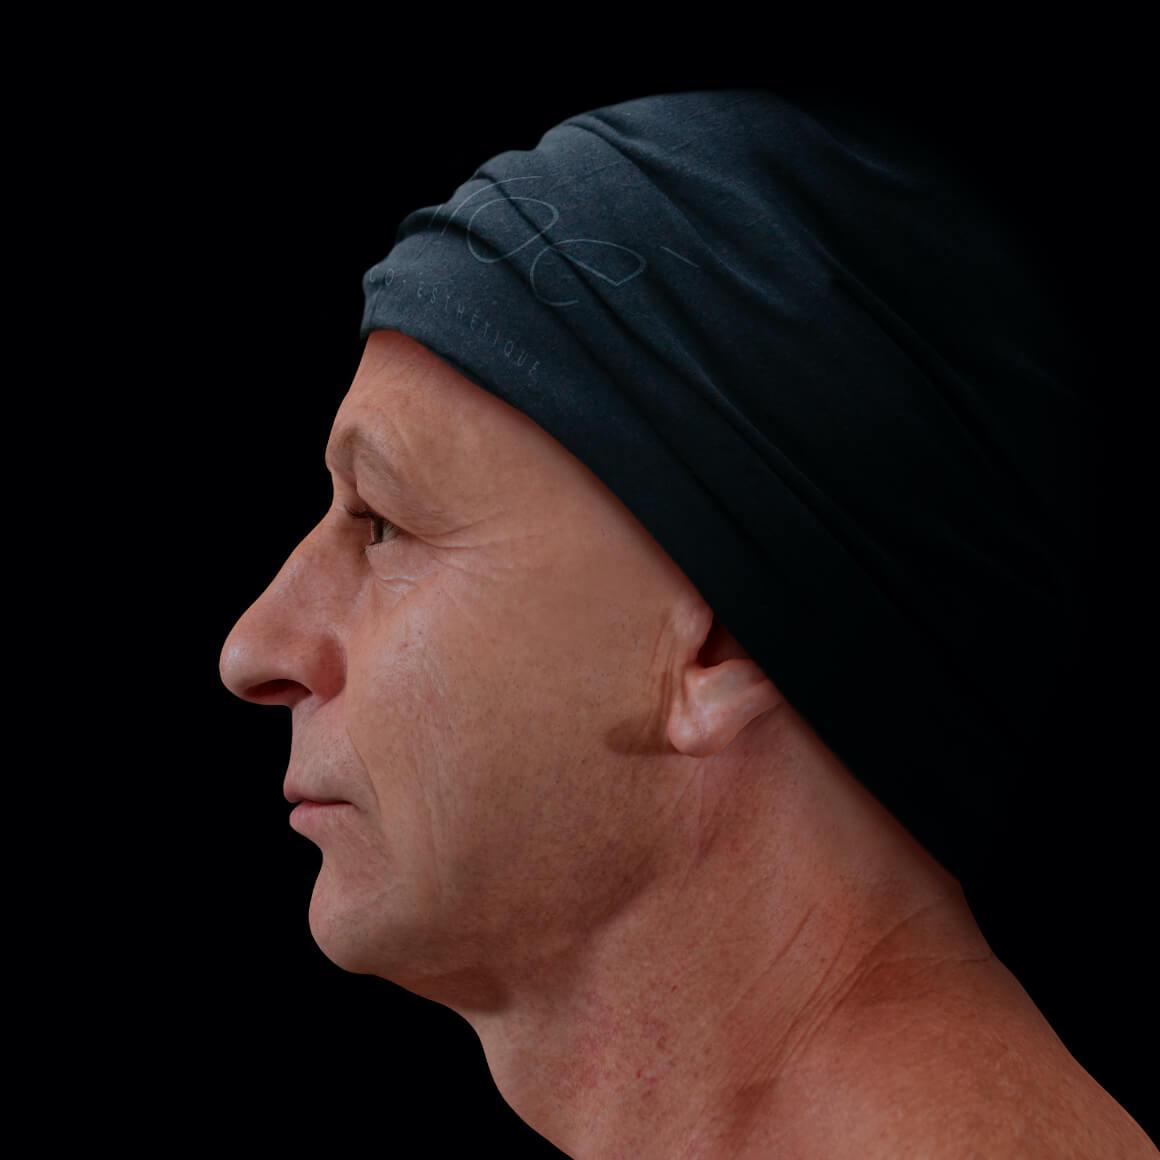 Patient de la Clinique Chloé vu de côté après des traitements au laser fractionné pour le relâchement cutané du visage